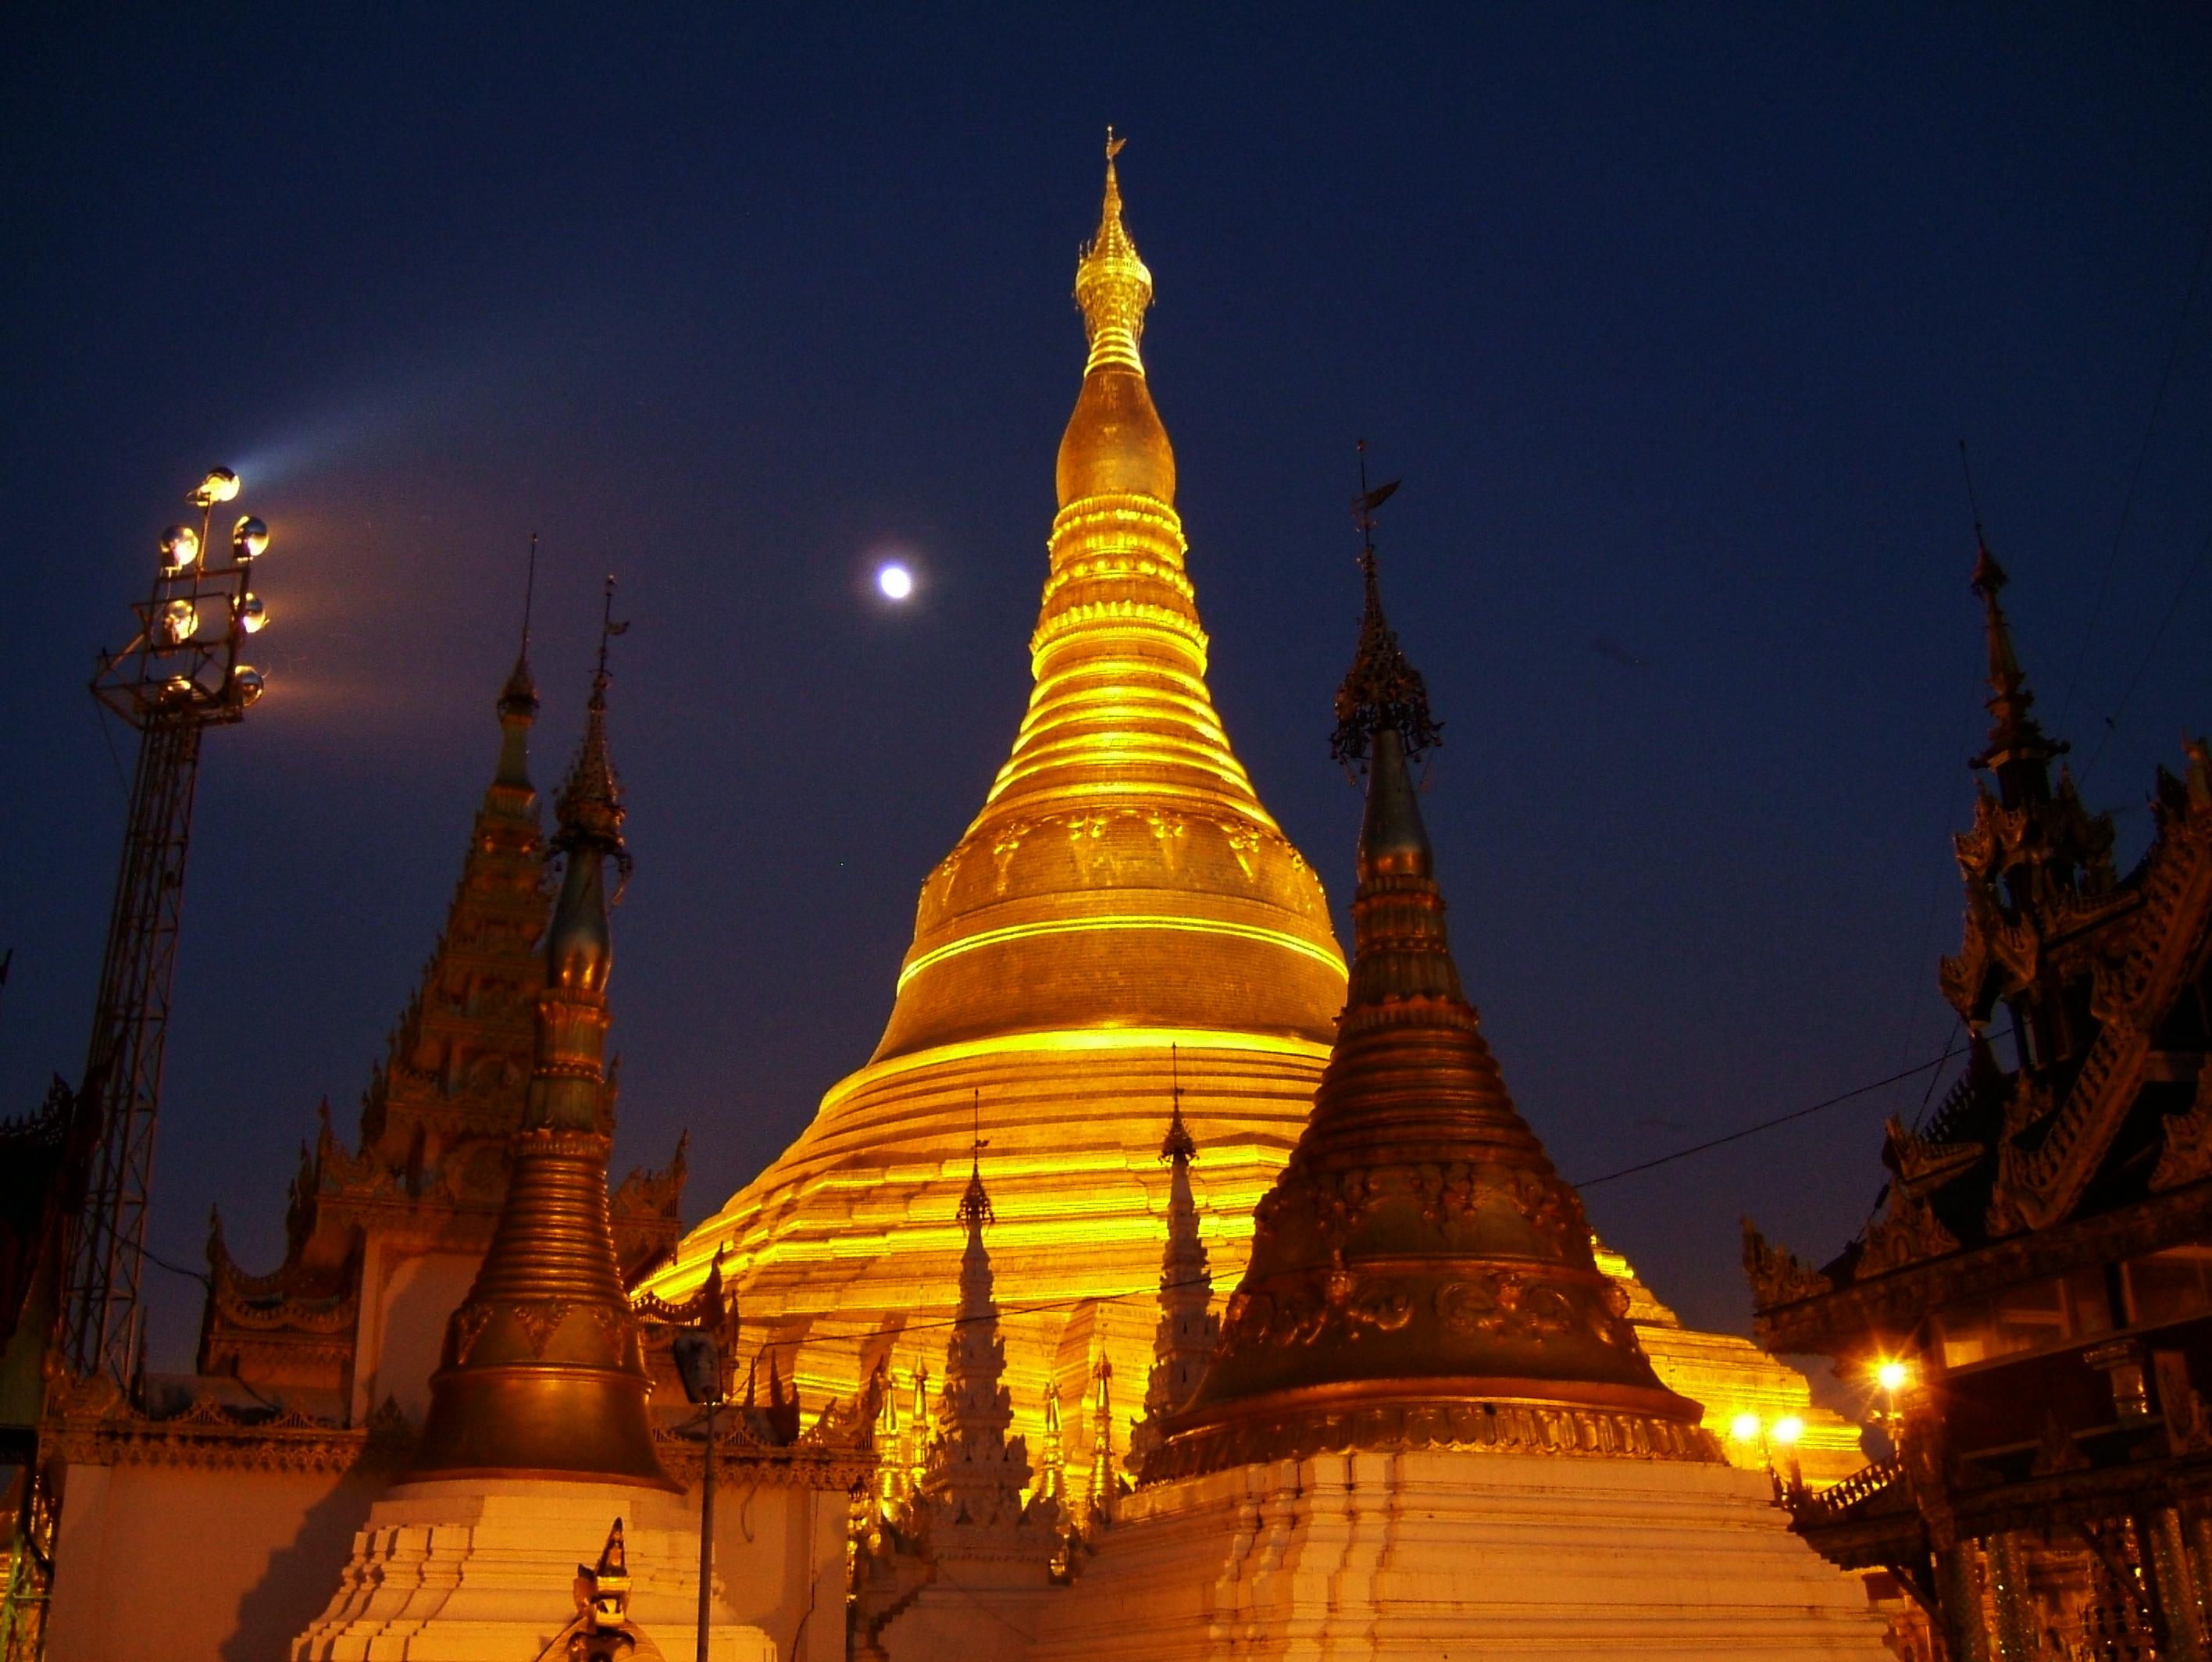 Sunset Myanmar Yangon Shwedagon Pagoda 01